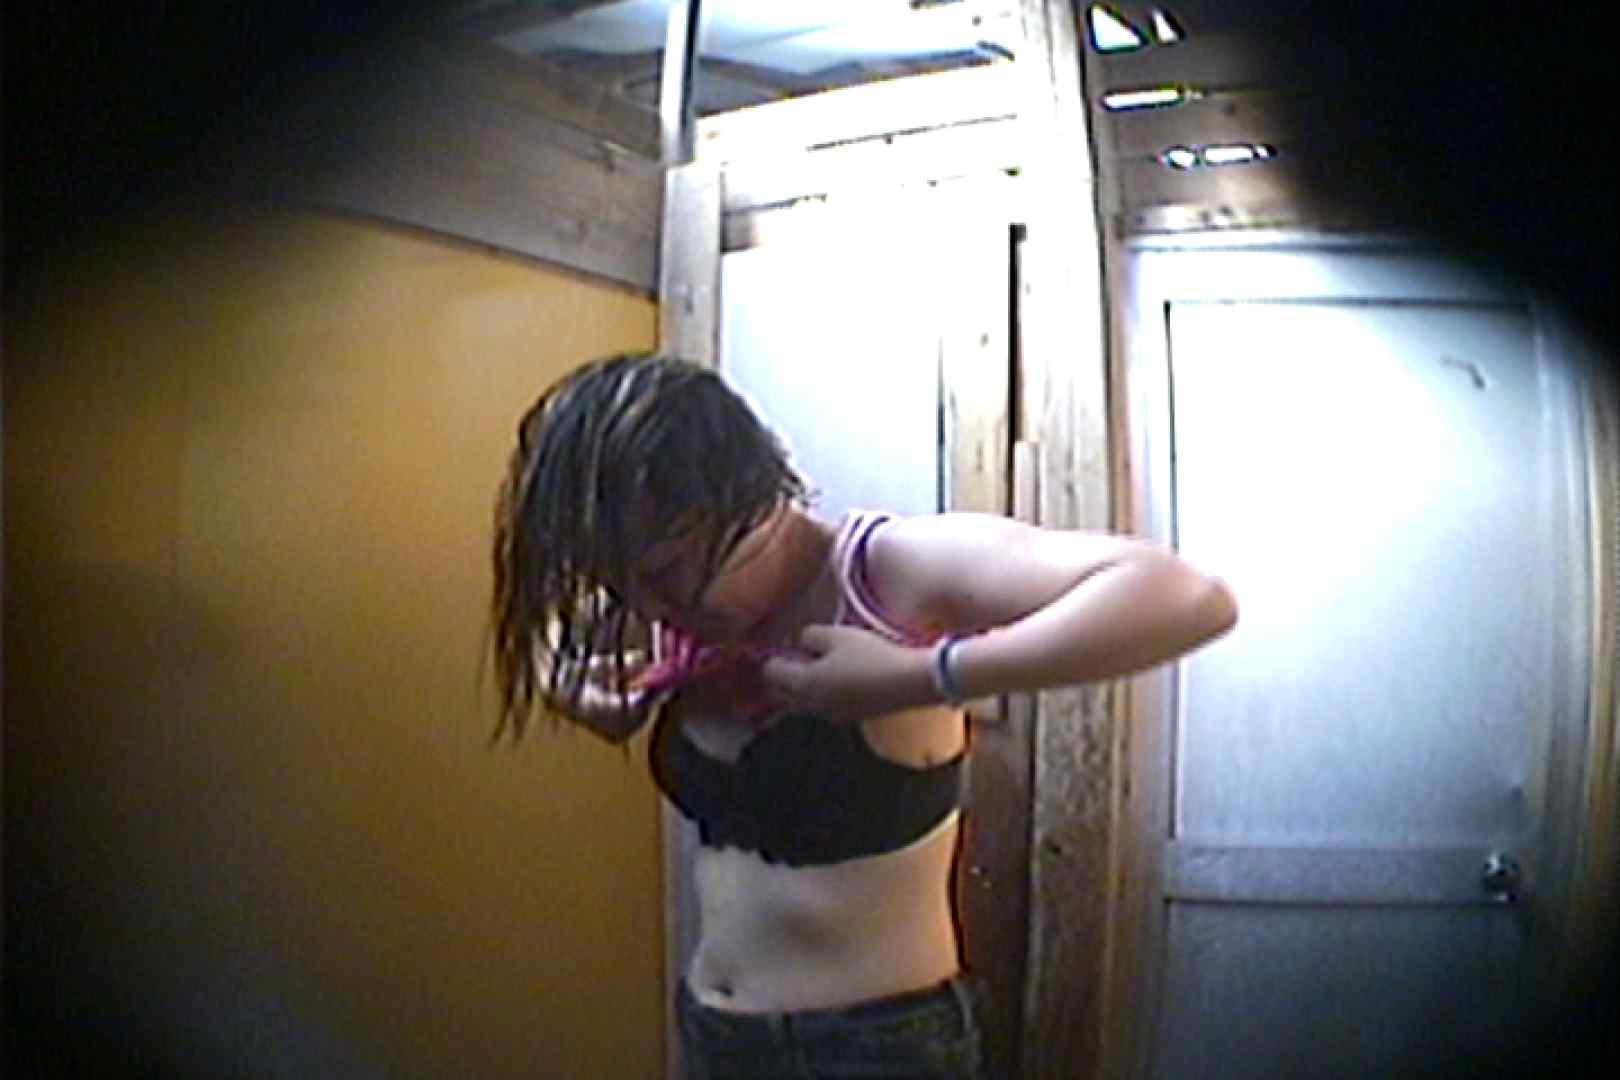 海の家の更衣室 Vol.15 美女   桃色シャワー  95pic 91